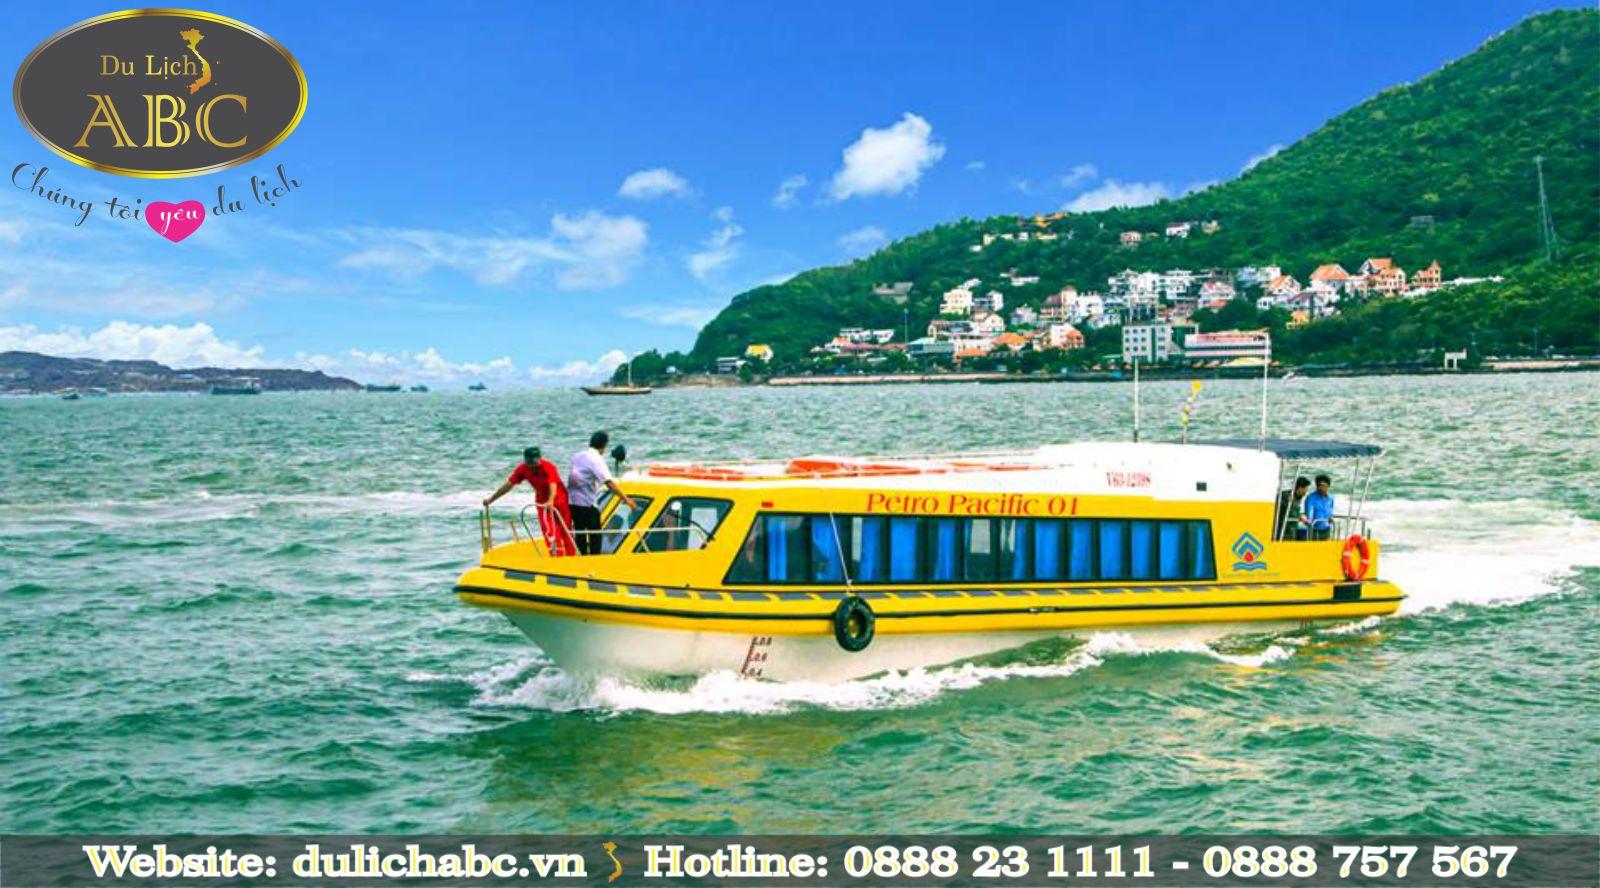 Tàu Cao Tốc Pacific Express Sài Gòn - Vũng Tàu và Ngược Lại